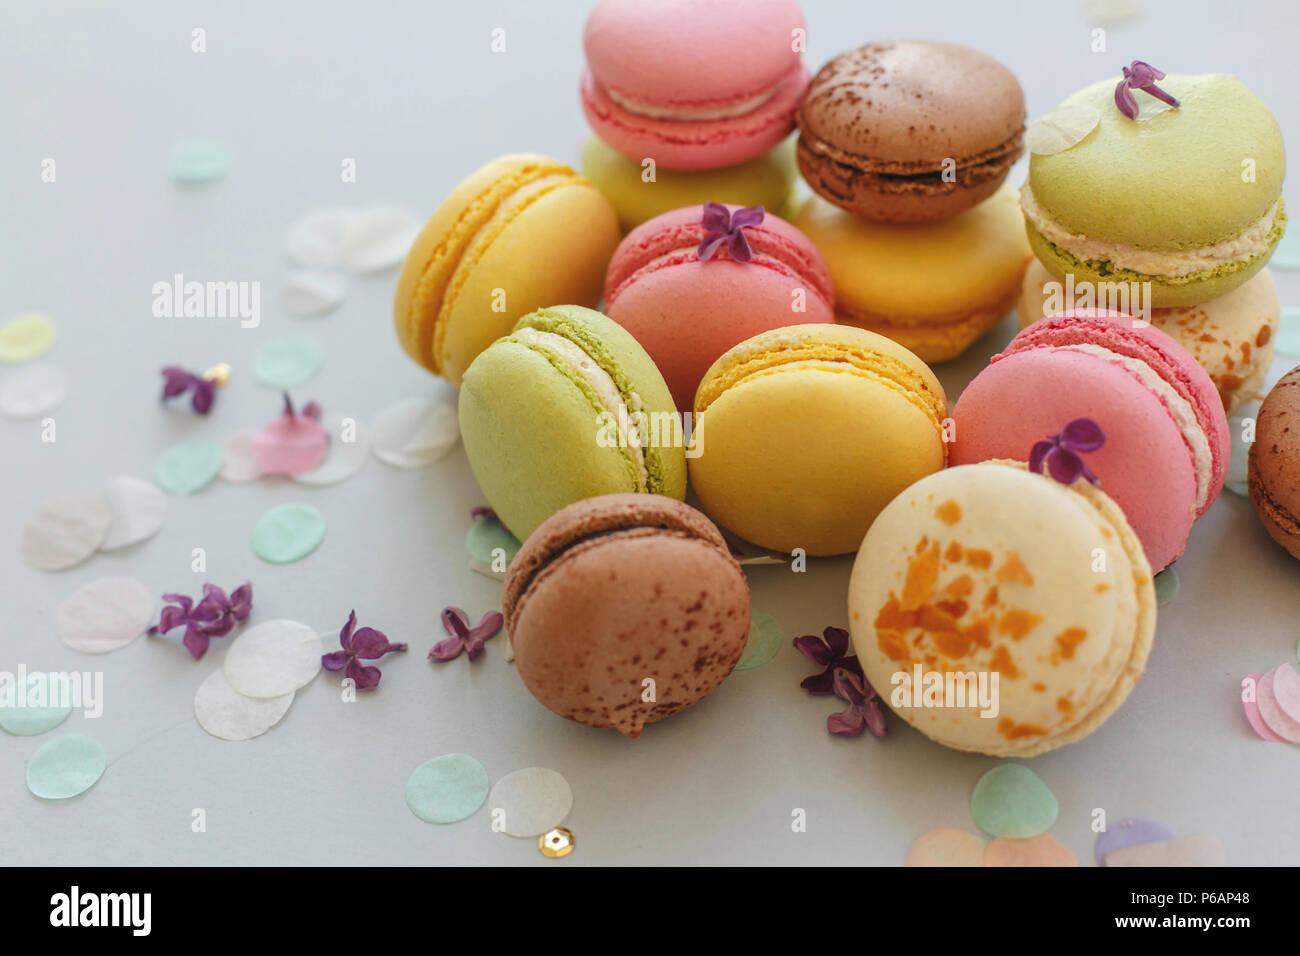 Bunte macarons am trendigen Pastellfarben grauem Papier mit lila Blumen und Konfetti. Lecker Pink, Gelb, Grün und Braun Makronen. Candy Bar für Party.foo Stockbild